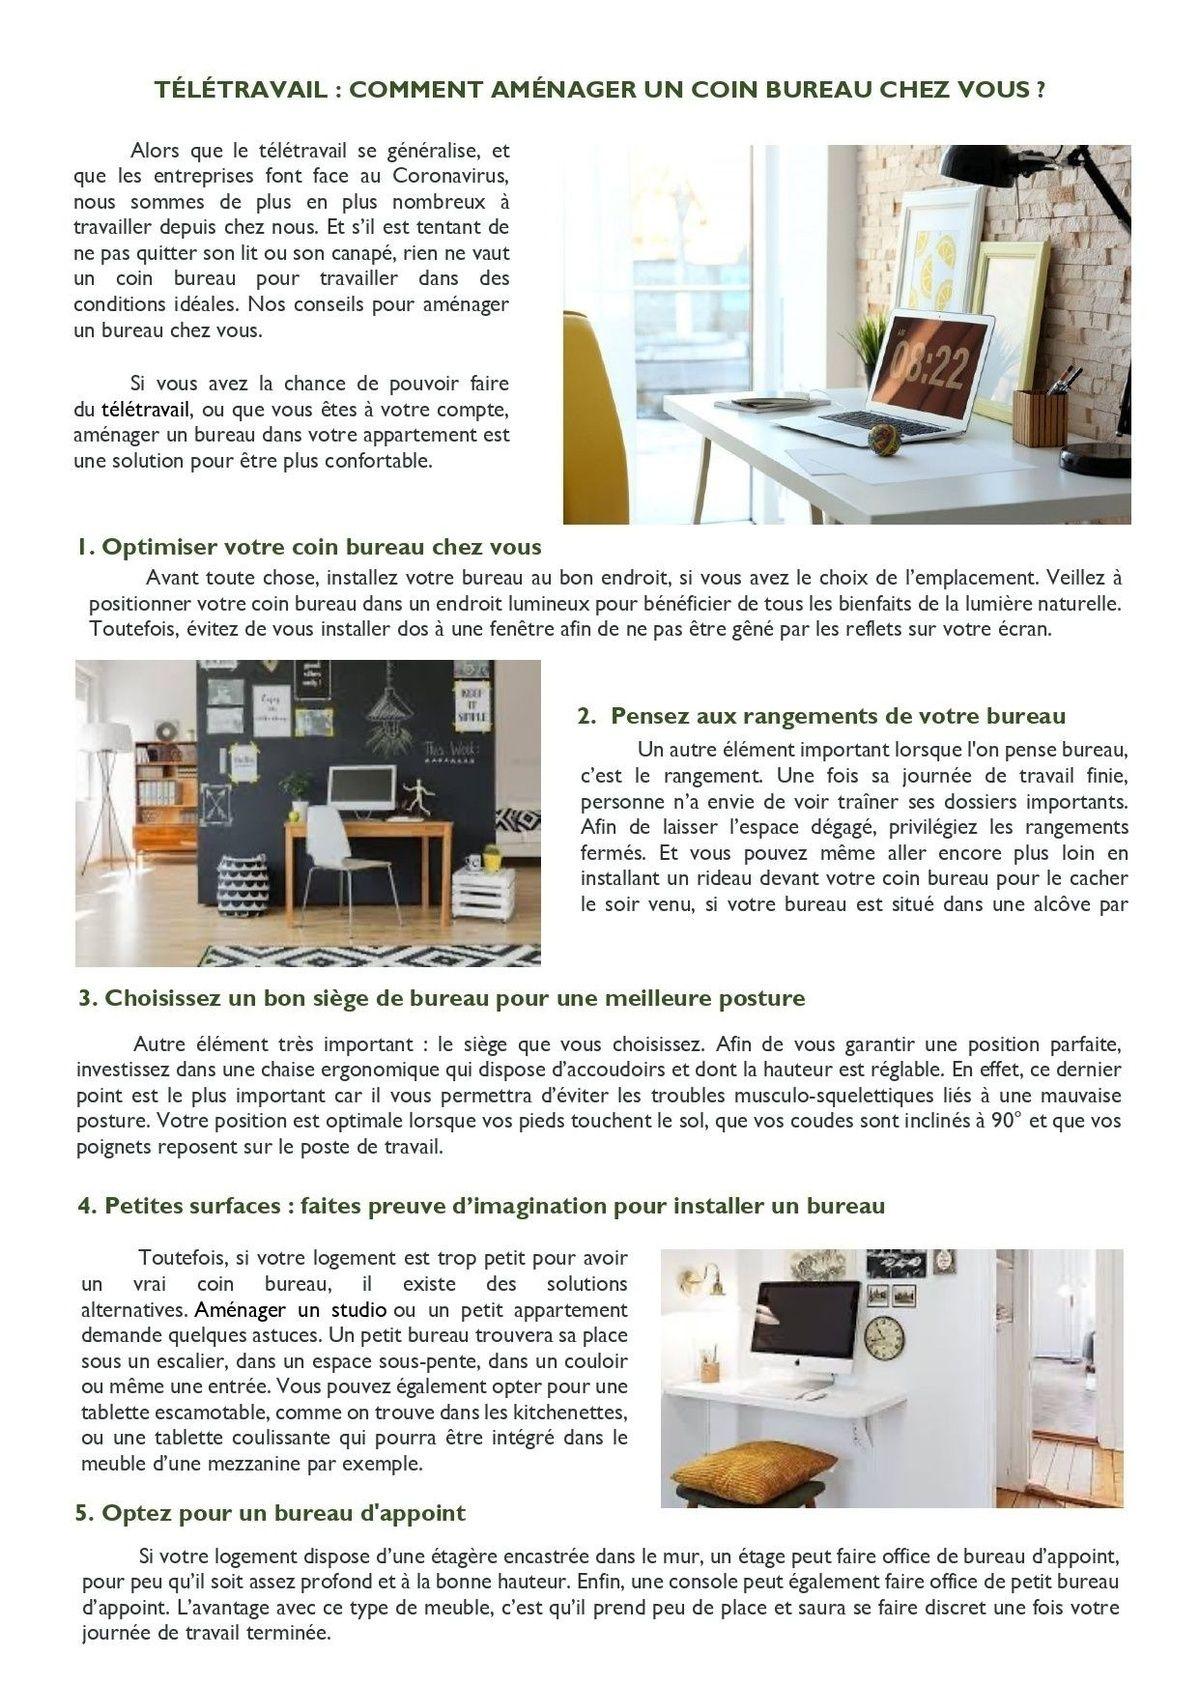 Télétravail : Comment aménager un coin bureau chez vous ?